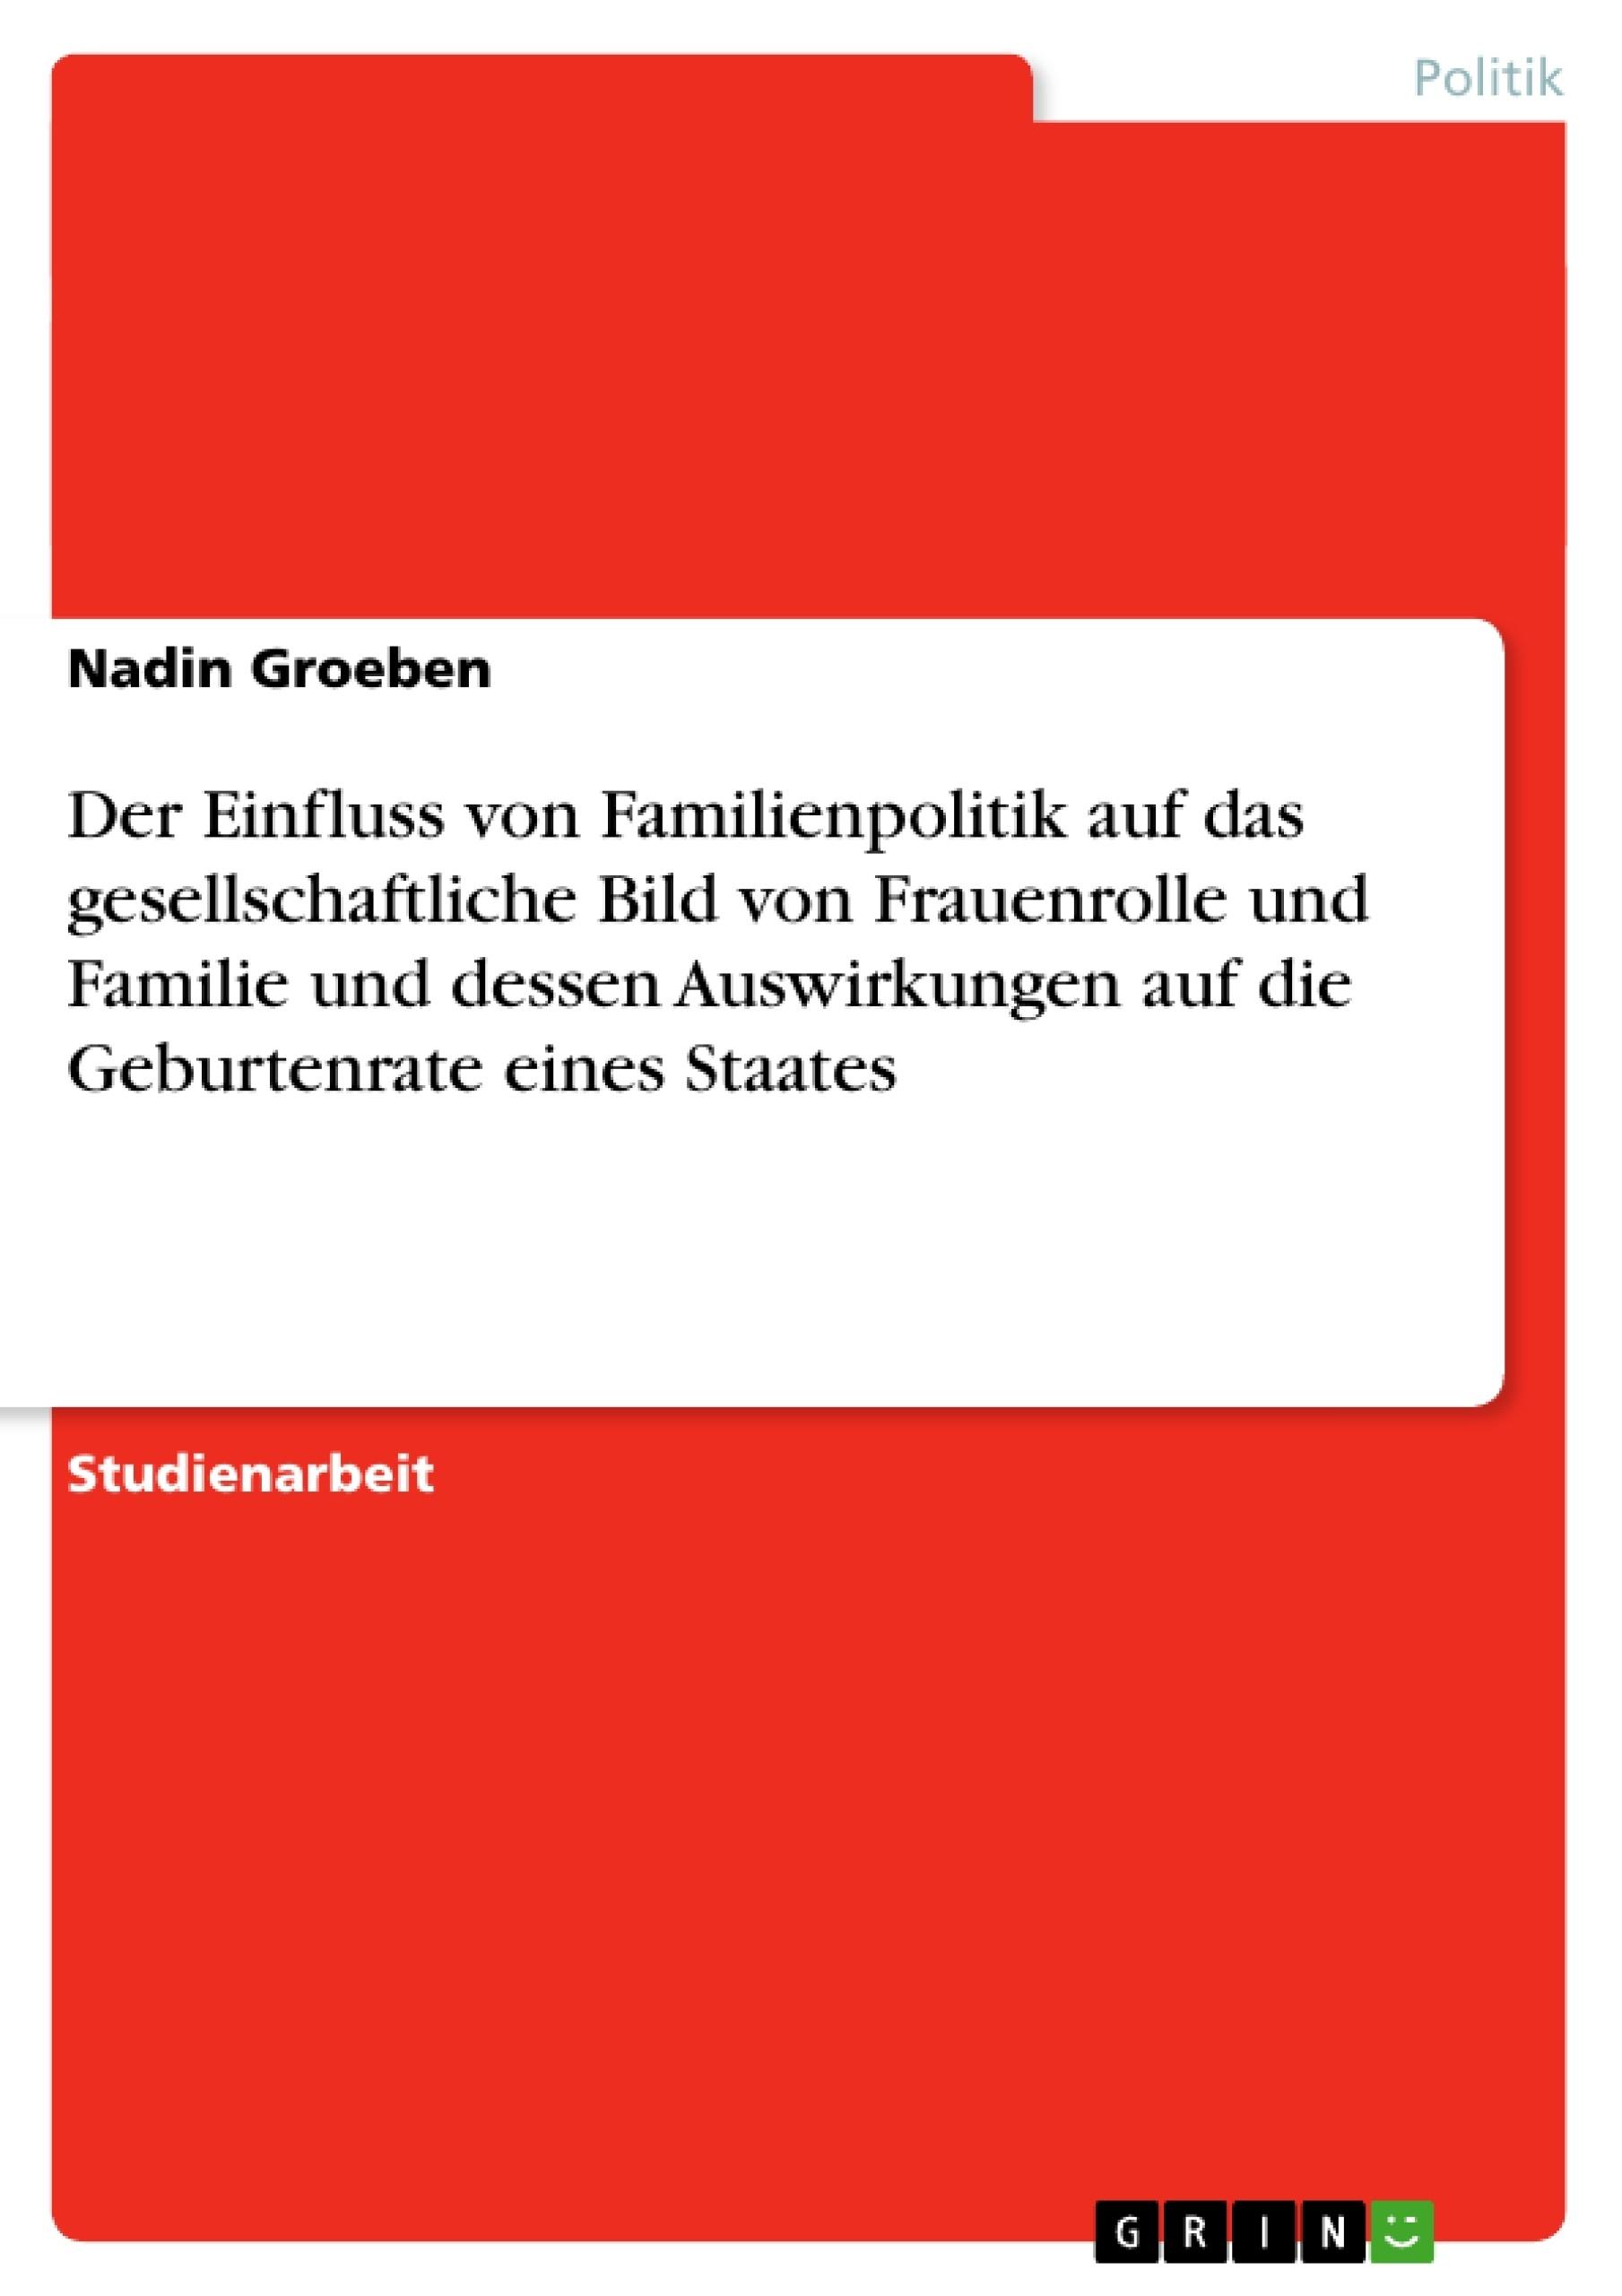 Titel: Der Einfluss von Familienpolitik auf das gesellschaftliche Bild von Frauenrolle und Familie und dessen Auswirkungen auf die Geburtenrate eines Staates